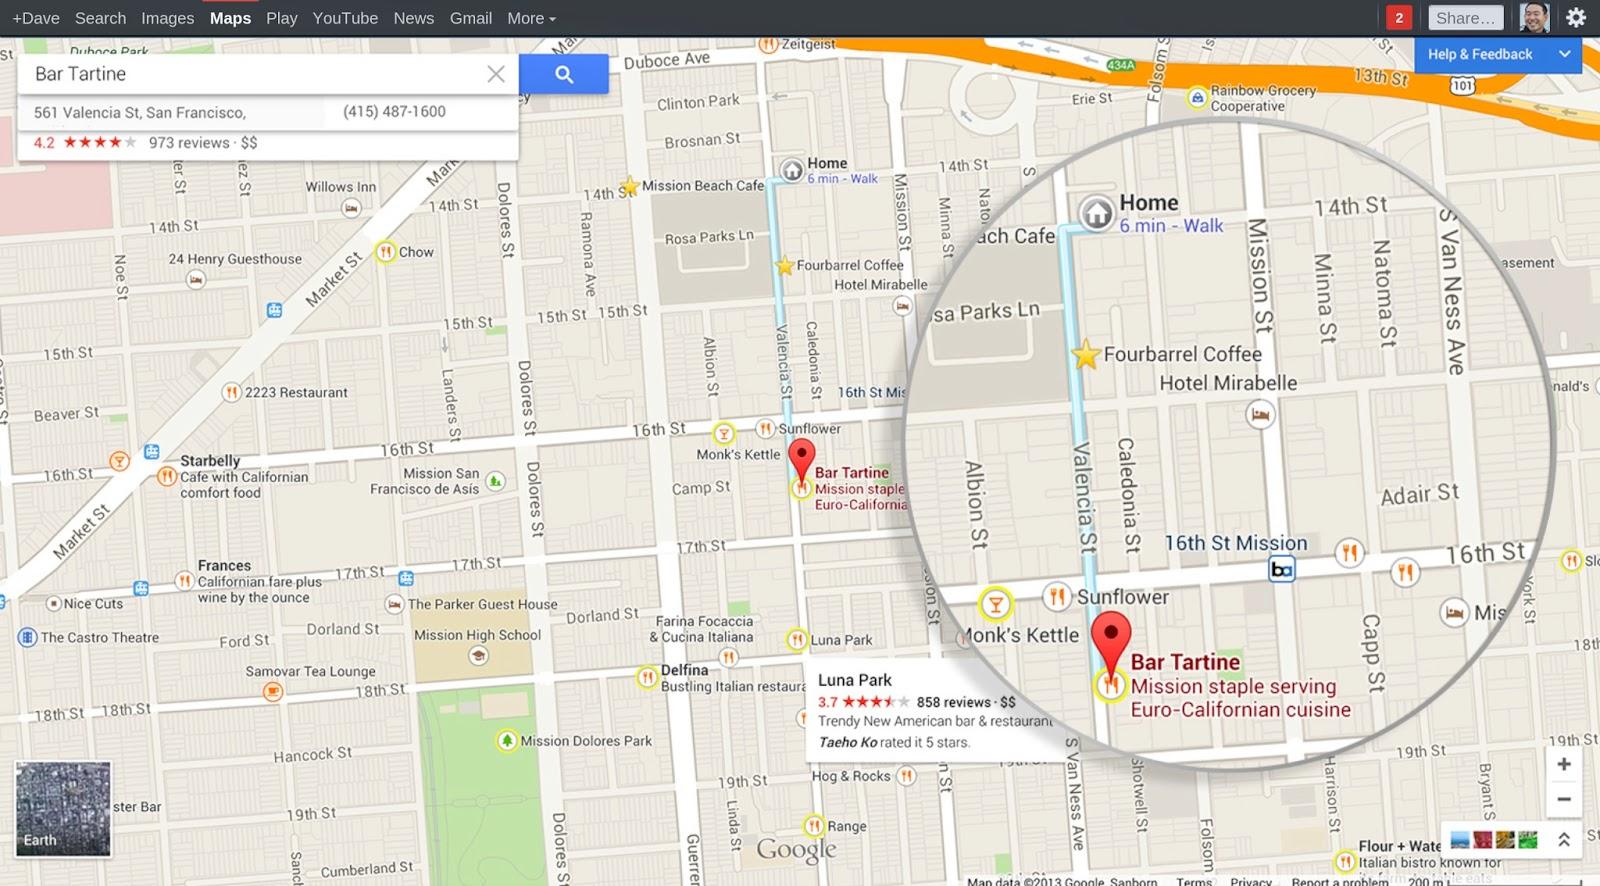 композиции гугл мапс карты с фотографиями местности многочисленные случаи посадок